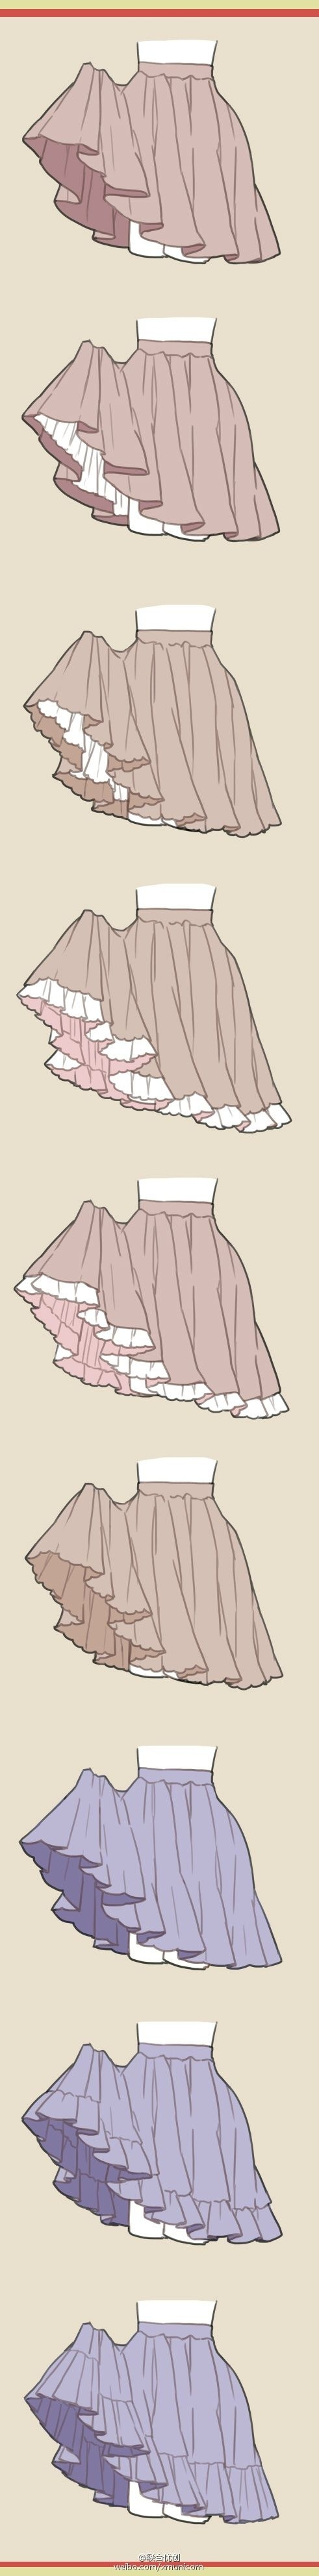 Spódniczka #2